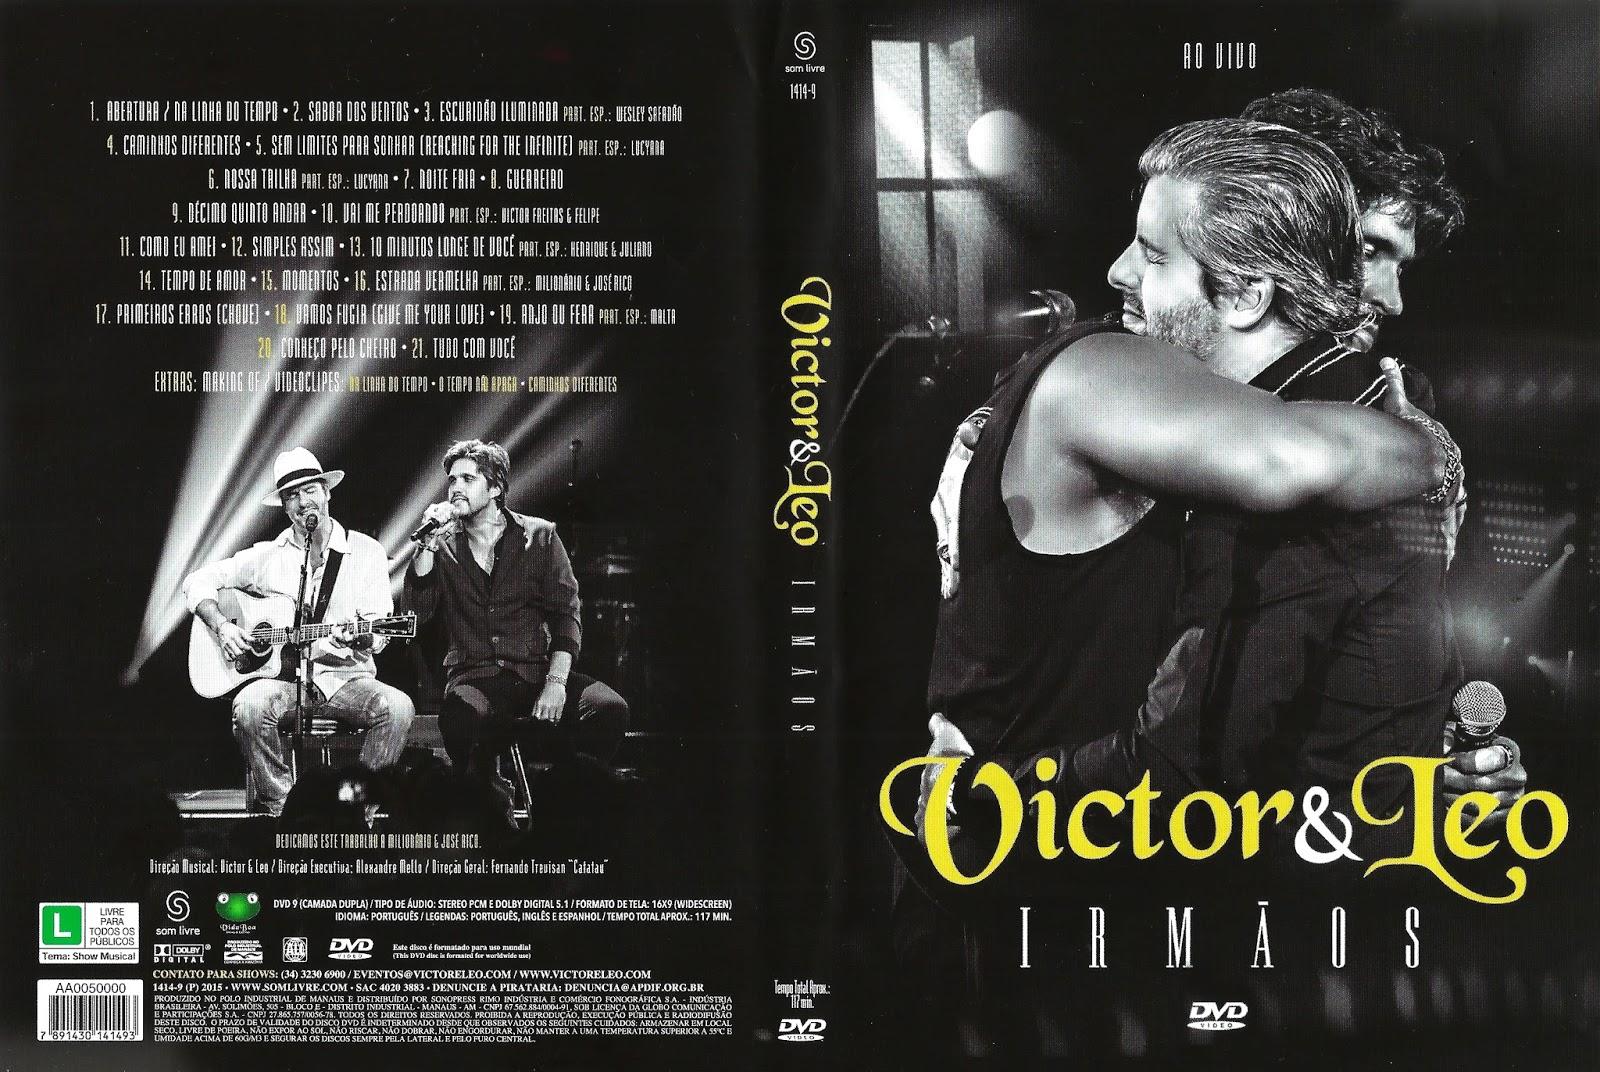 E FLORIPA BAIXAR VIVO VICTOR LEO AO NOVO EM DVD